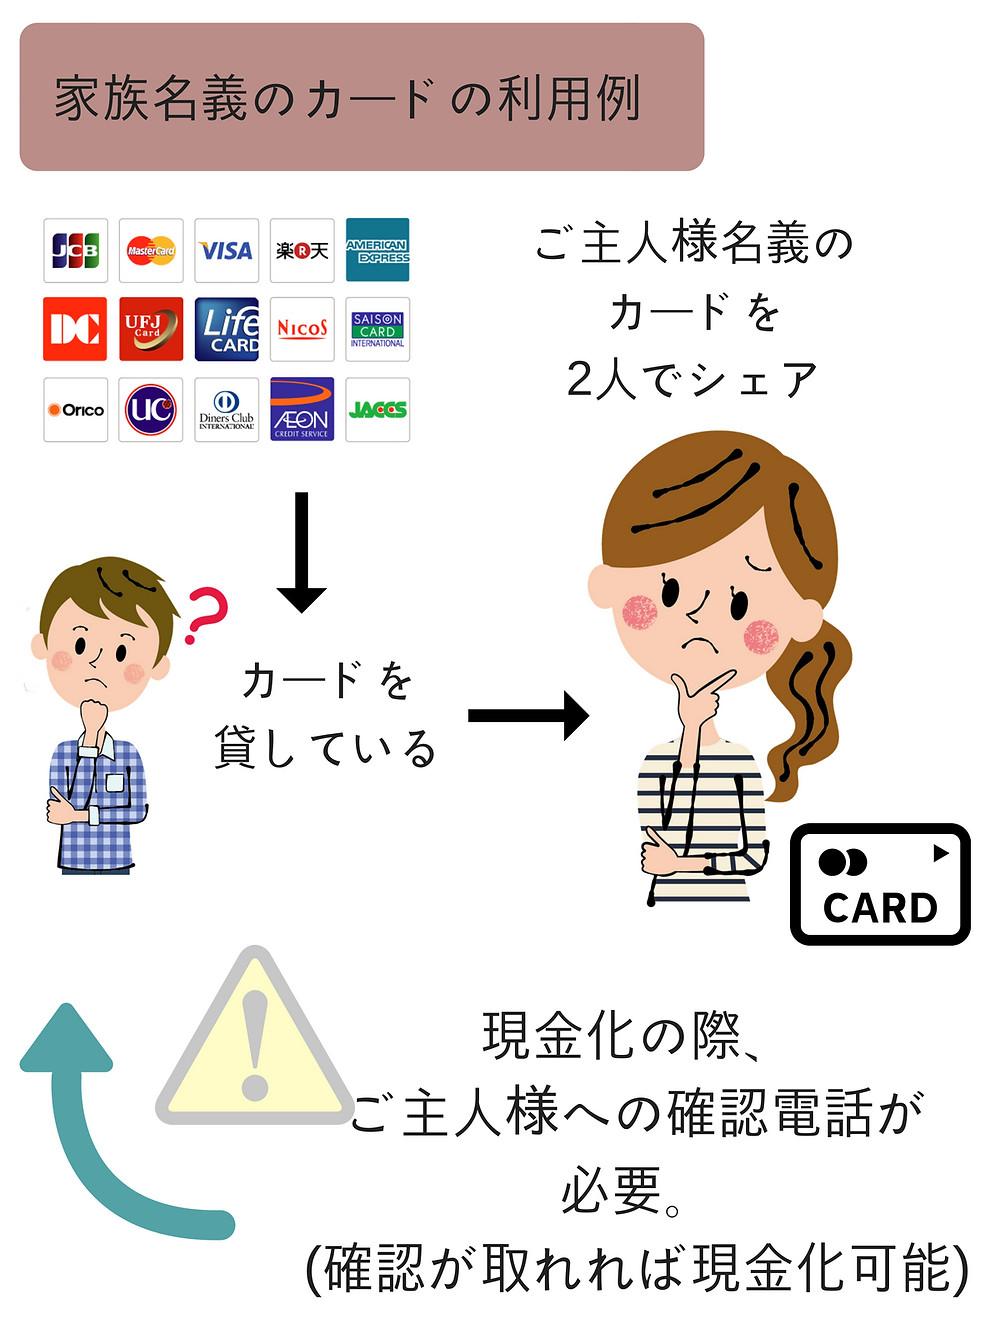 クレジットカード現金化家族名義のカード利用例